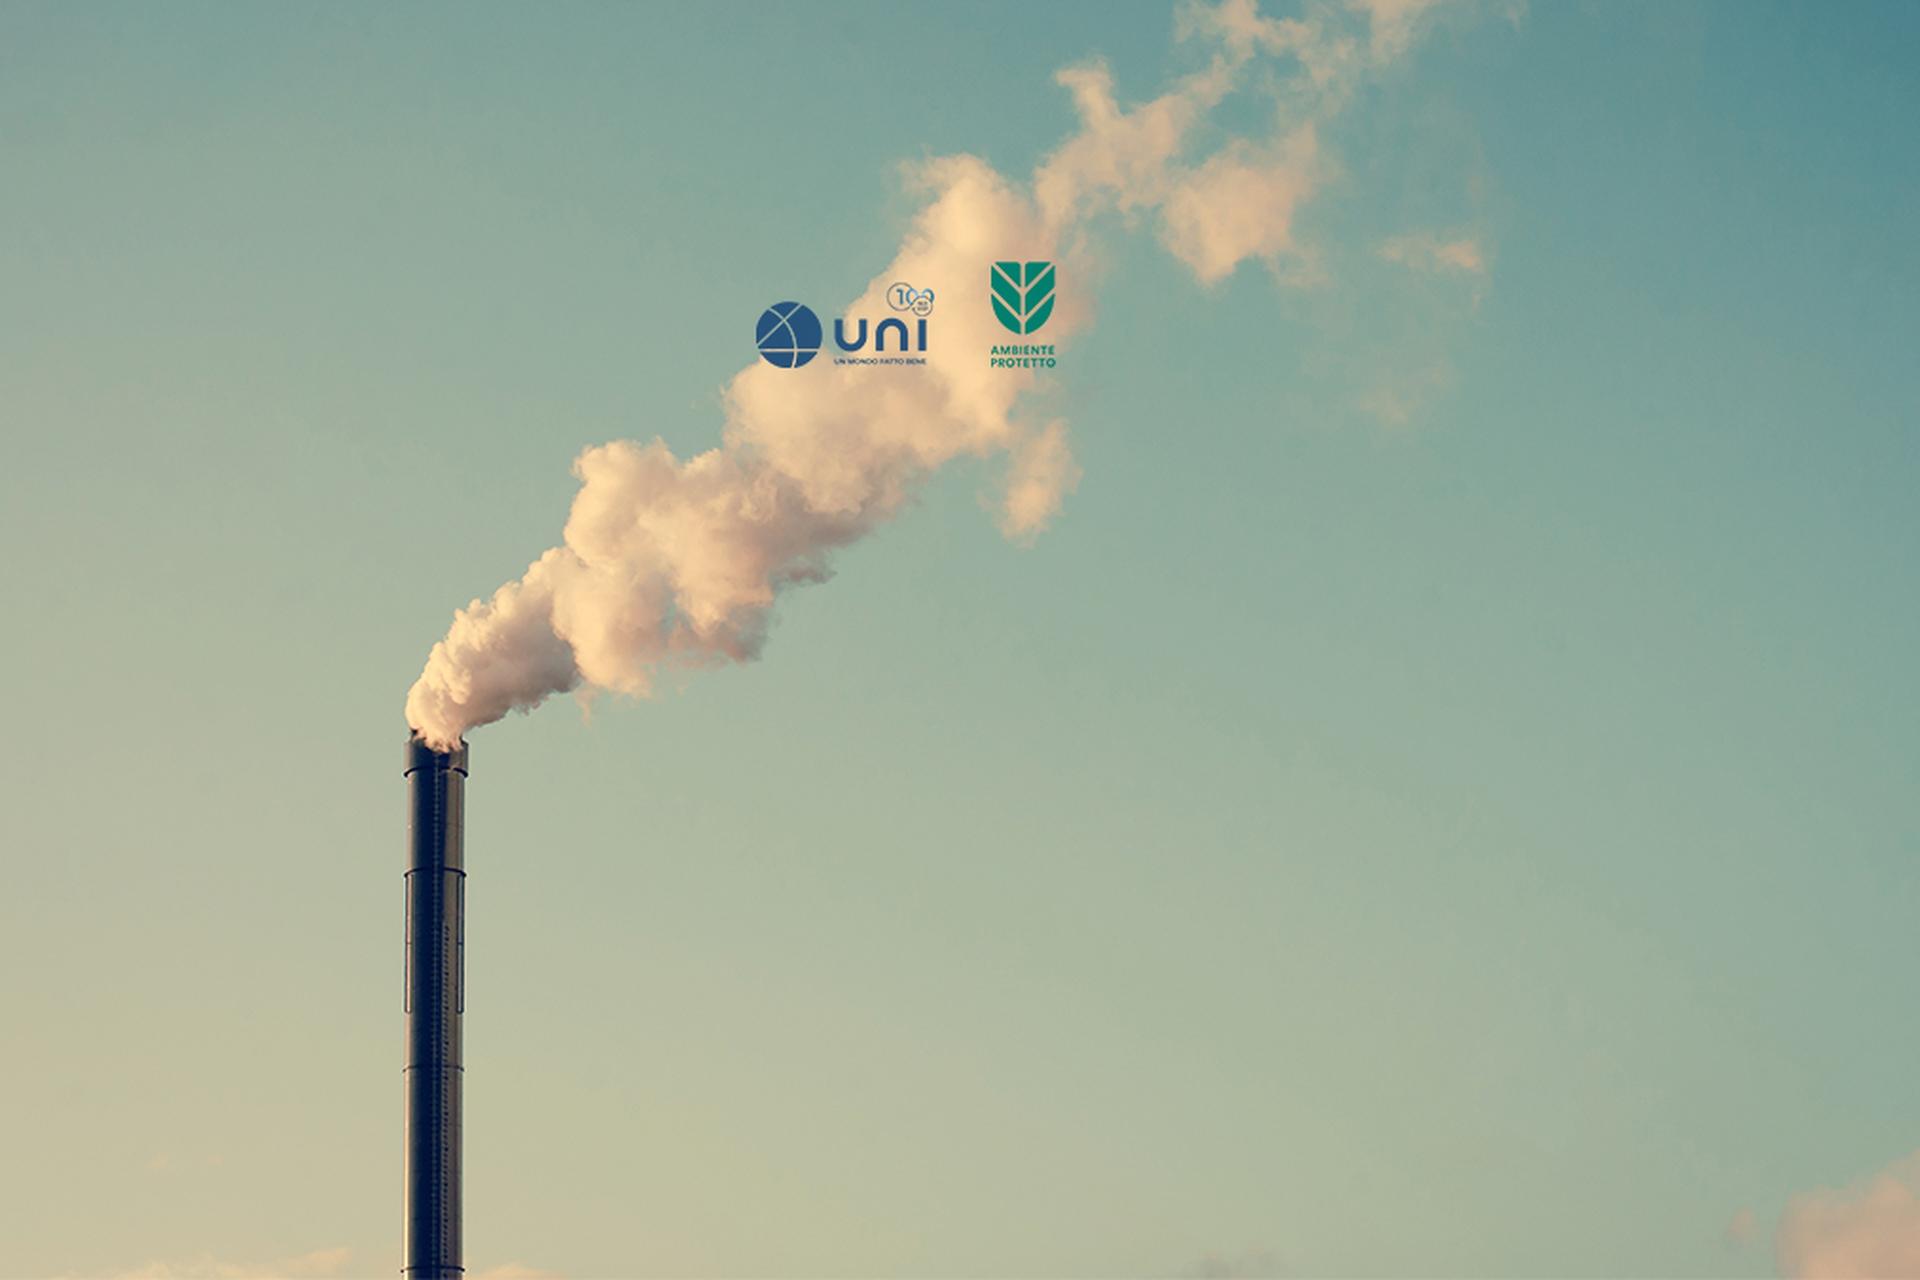 L'ambiente va protetto, a cominciare dalla prevenzione